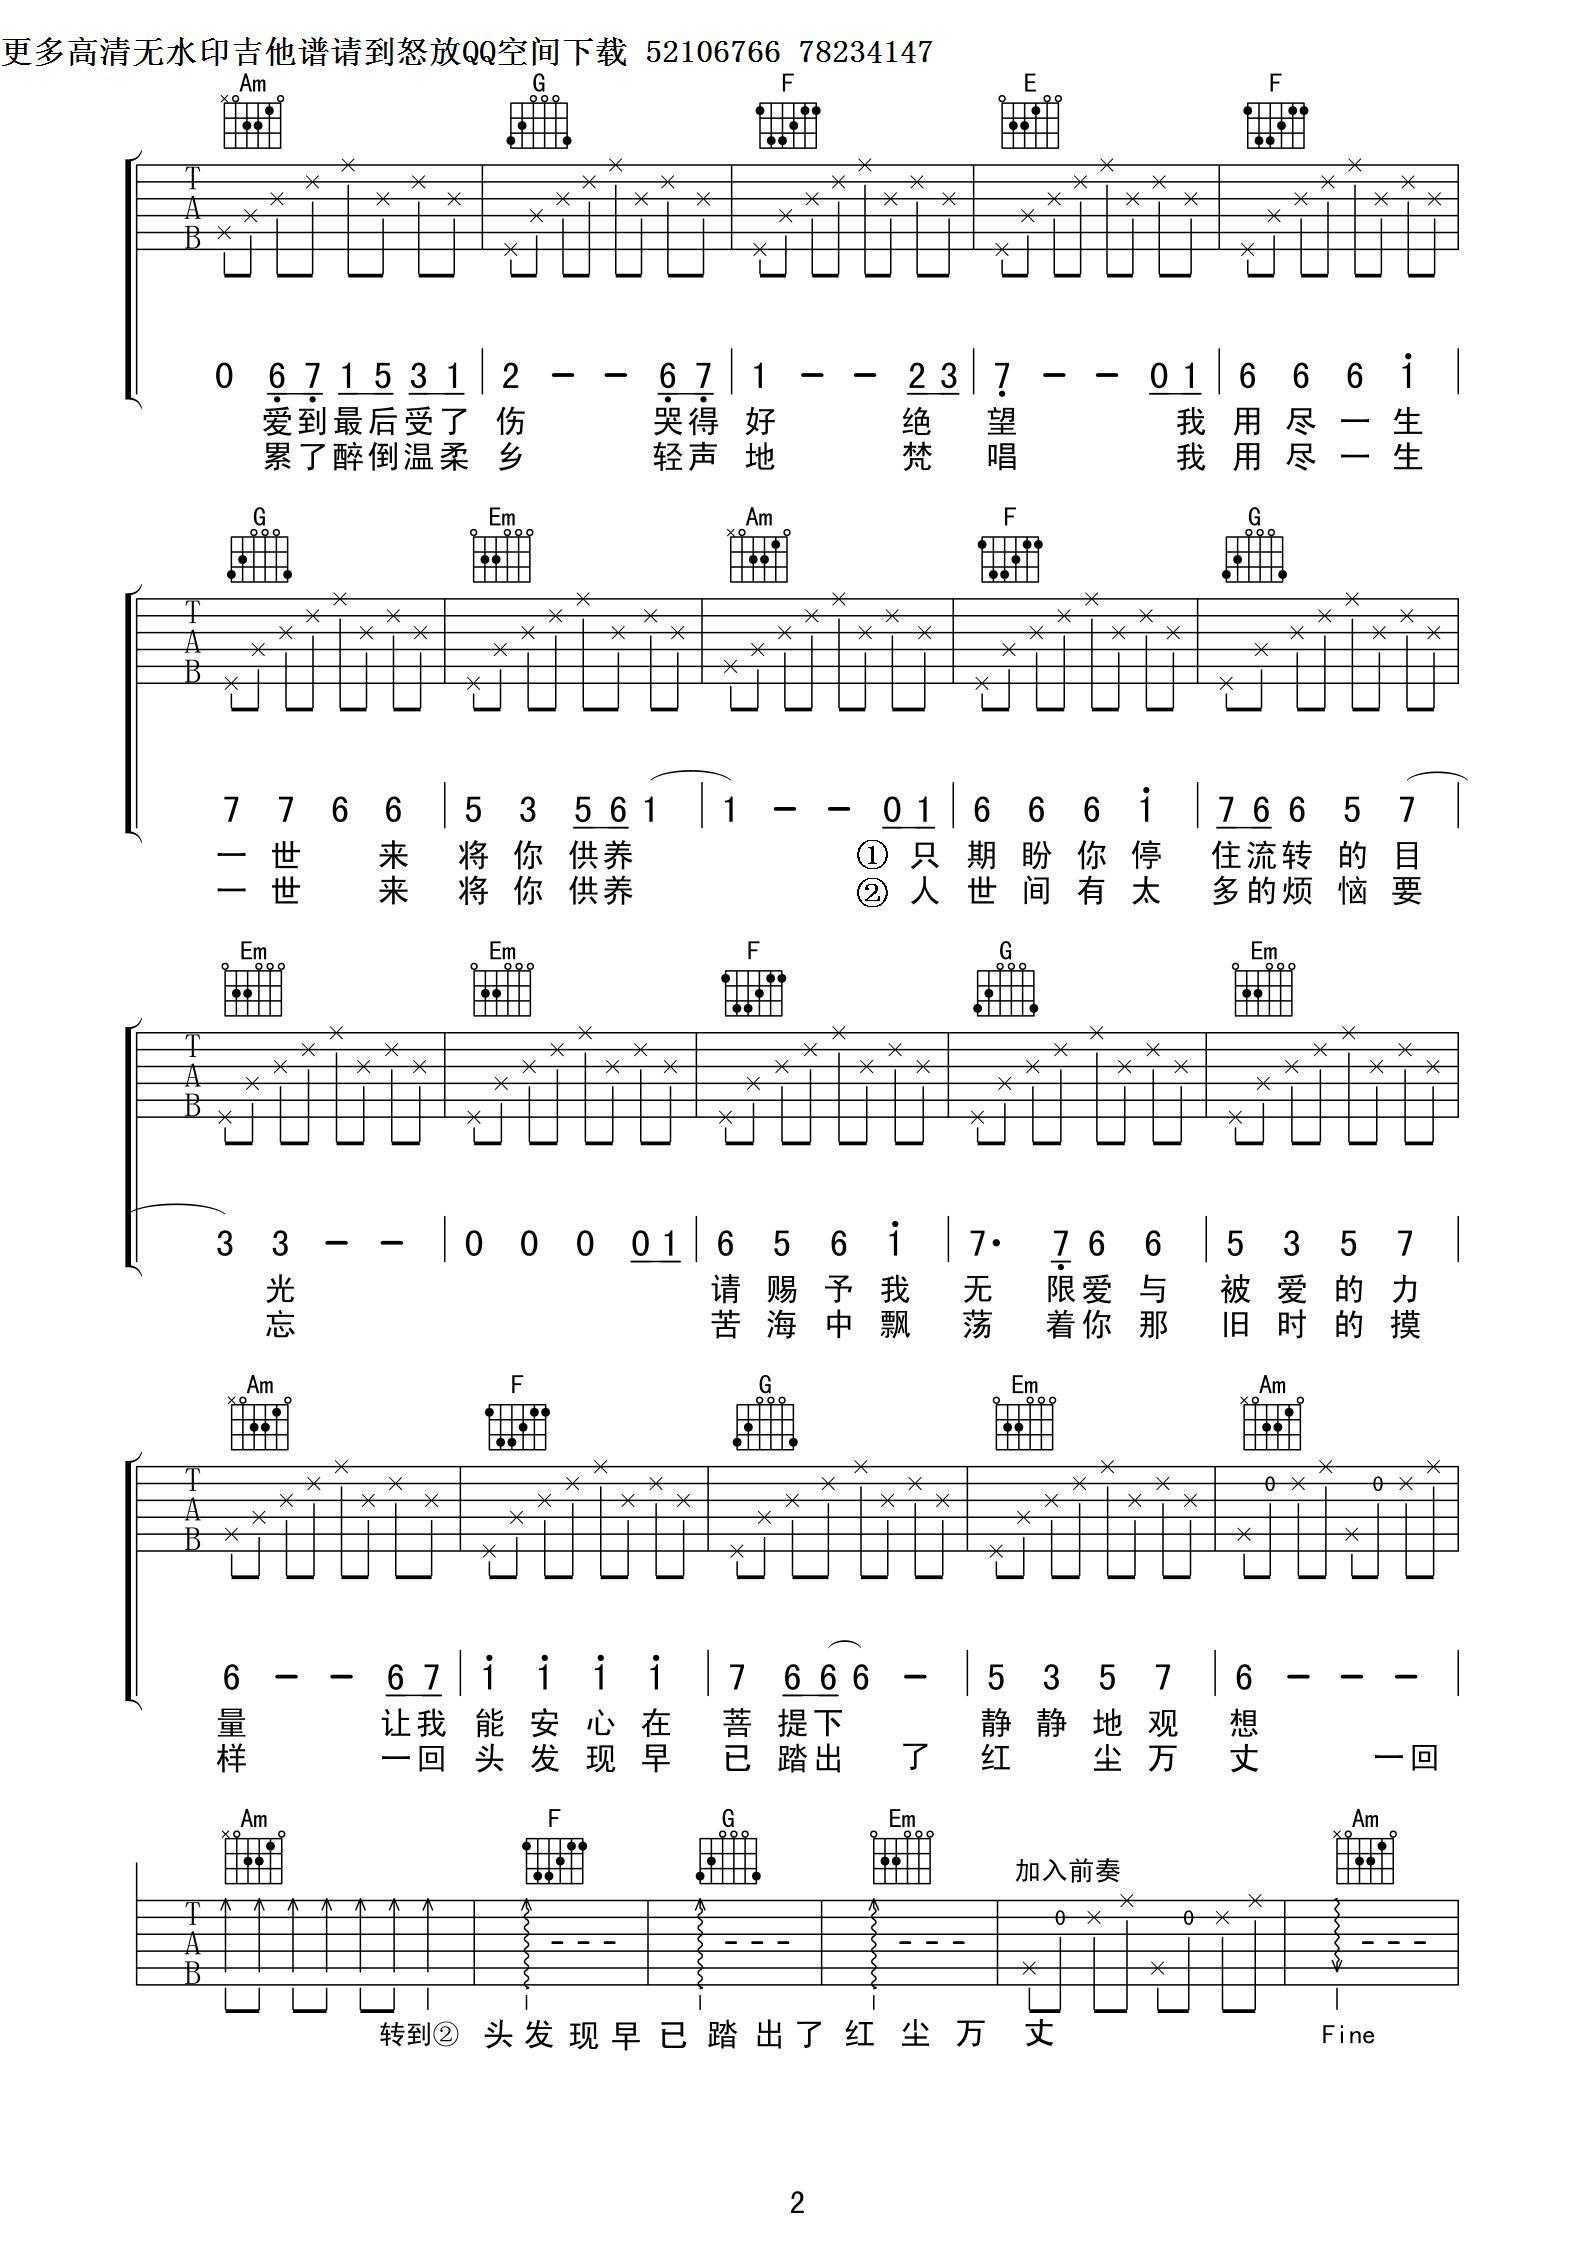 爱的供养 吉他谱 喀什怒放版本 吉他谱 搜谱网